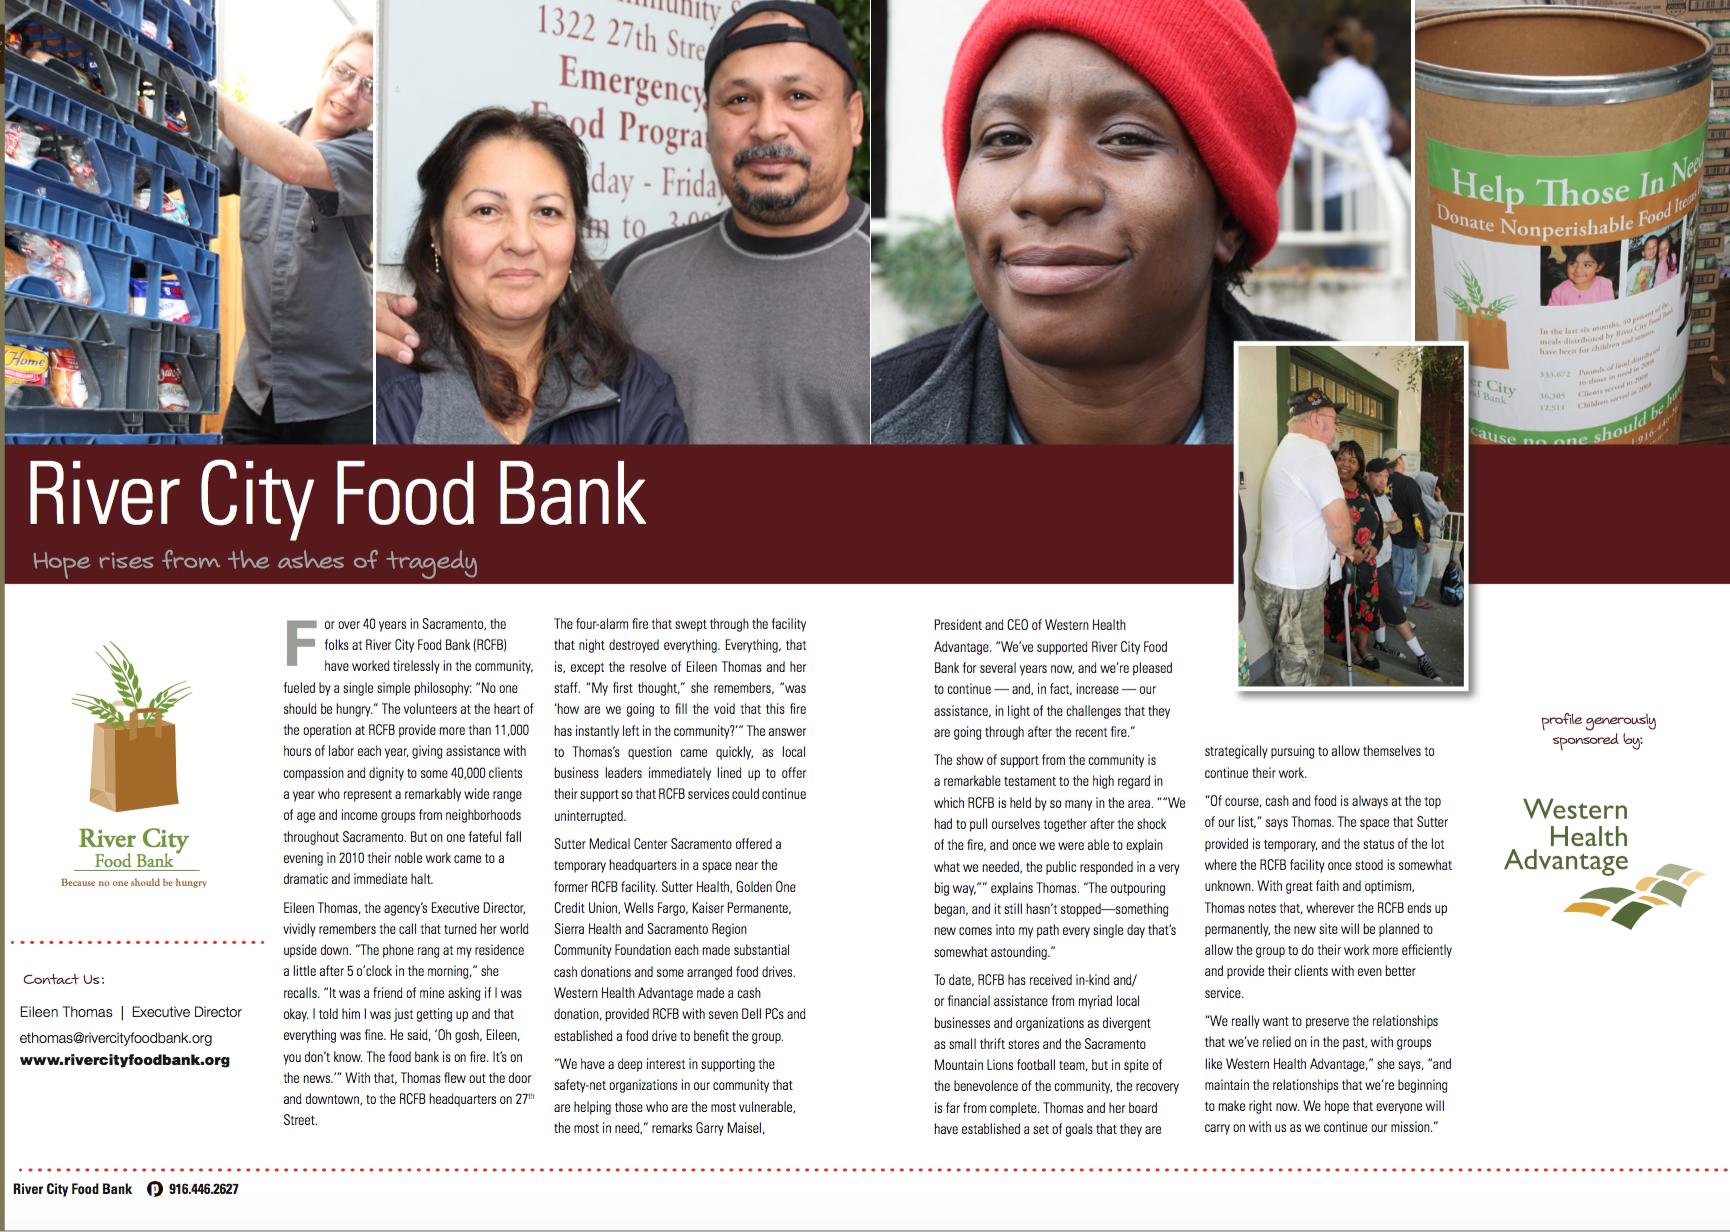 Sample white paper / fundraising brochure